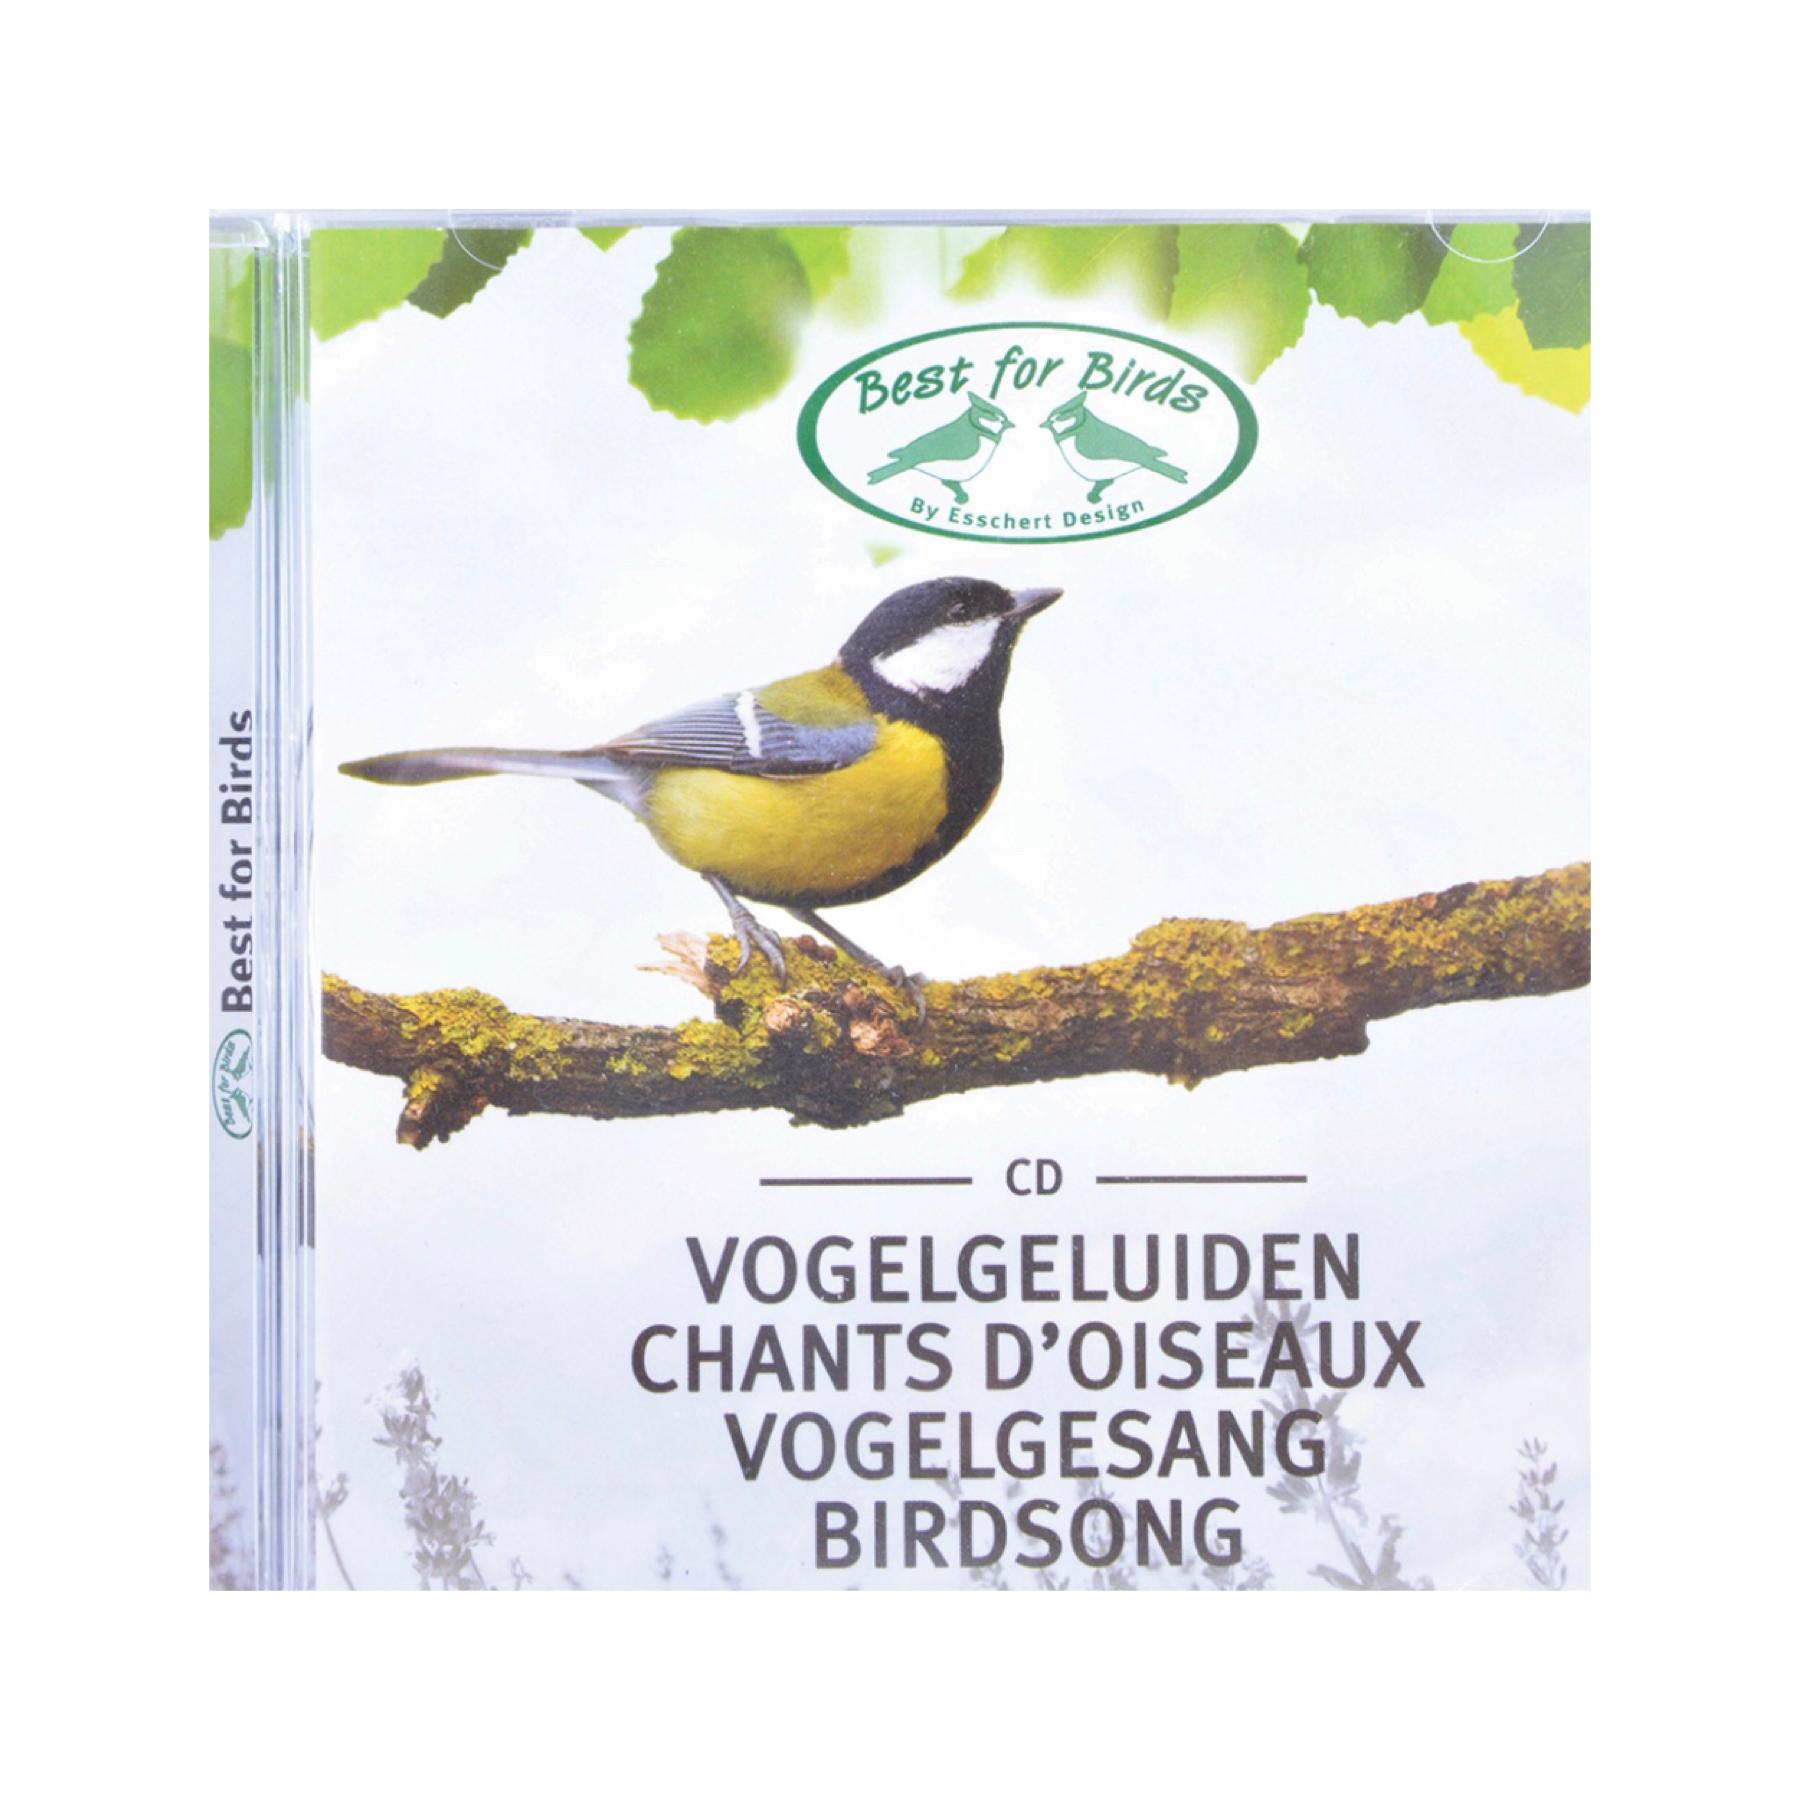 CD 27 chants et cris d'oiseaux